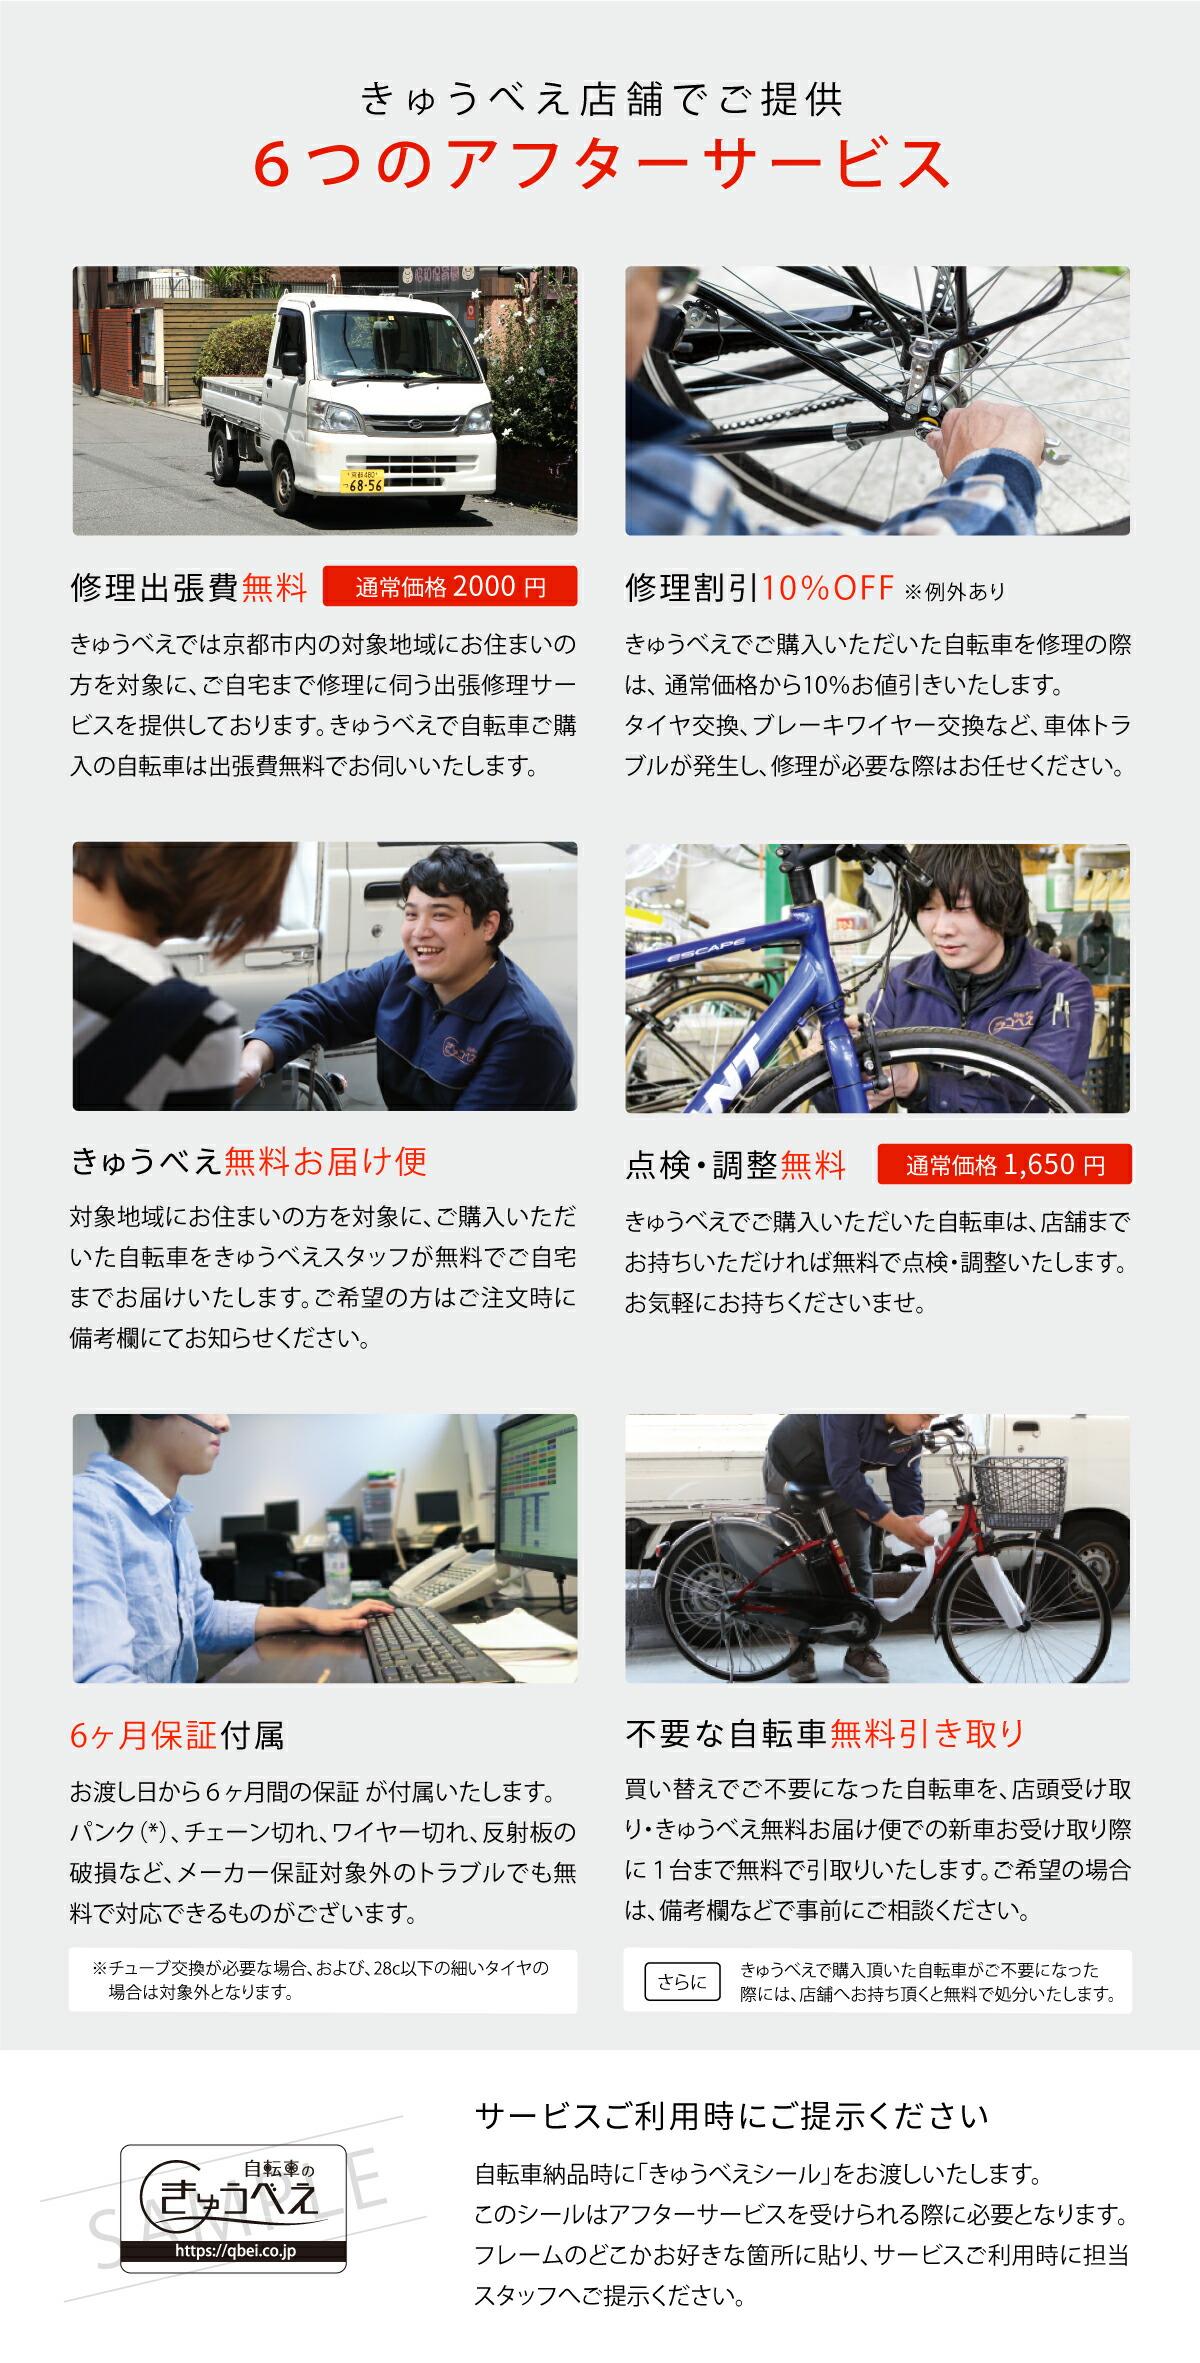 自転車 店頭受け取り 京都 サービス